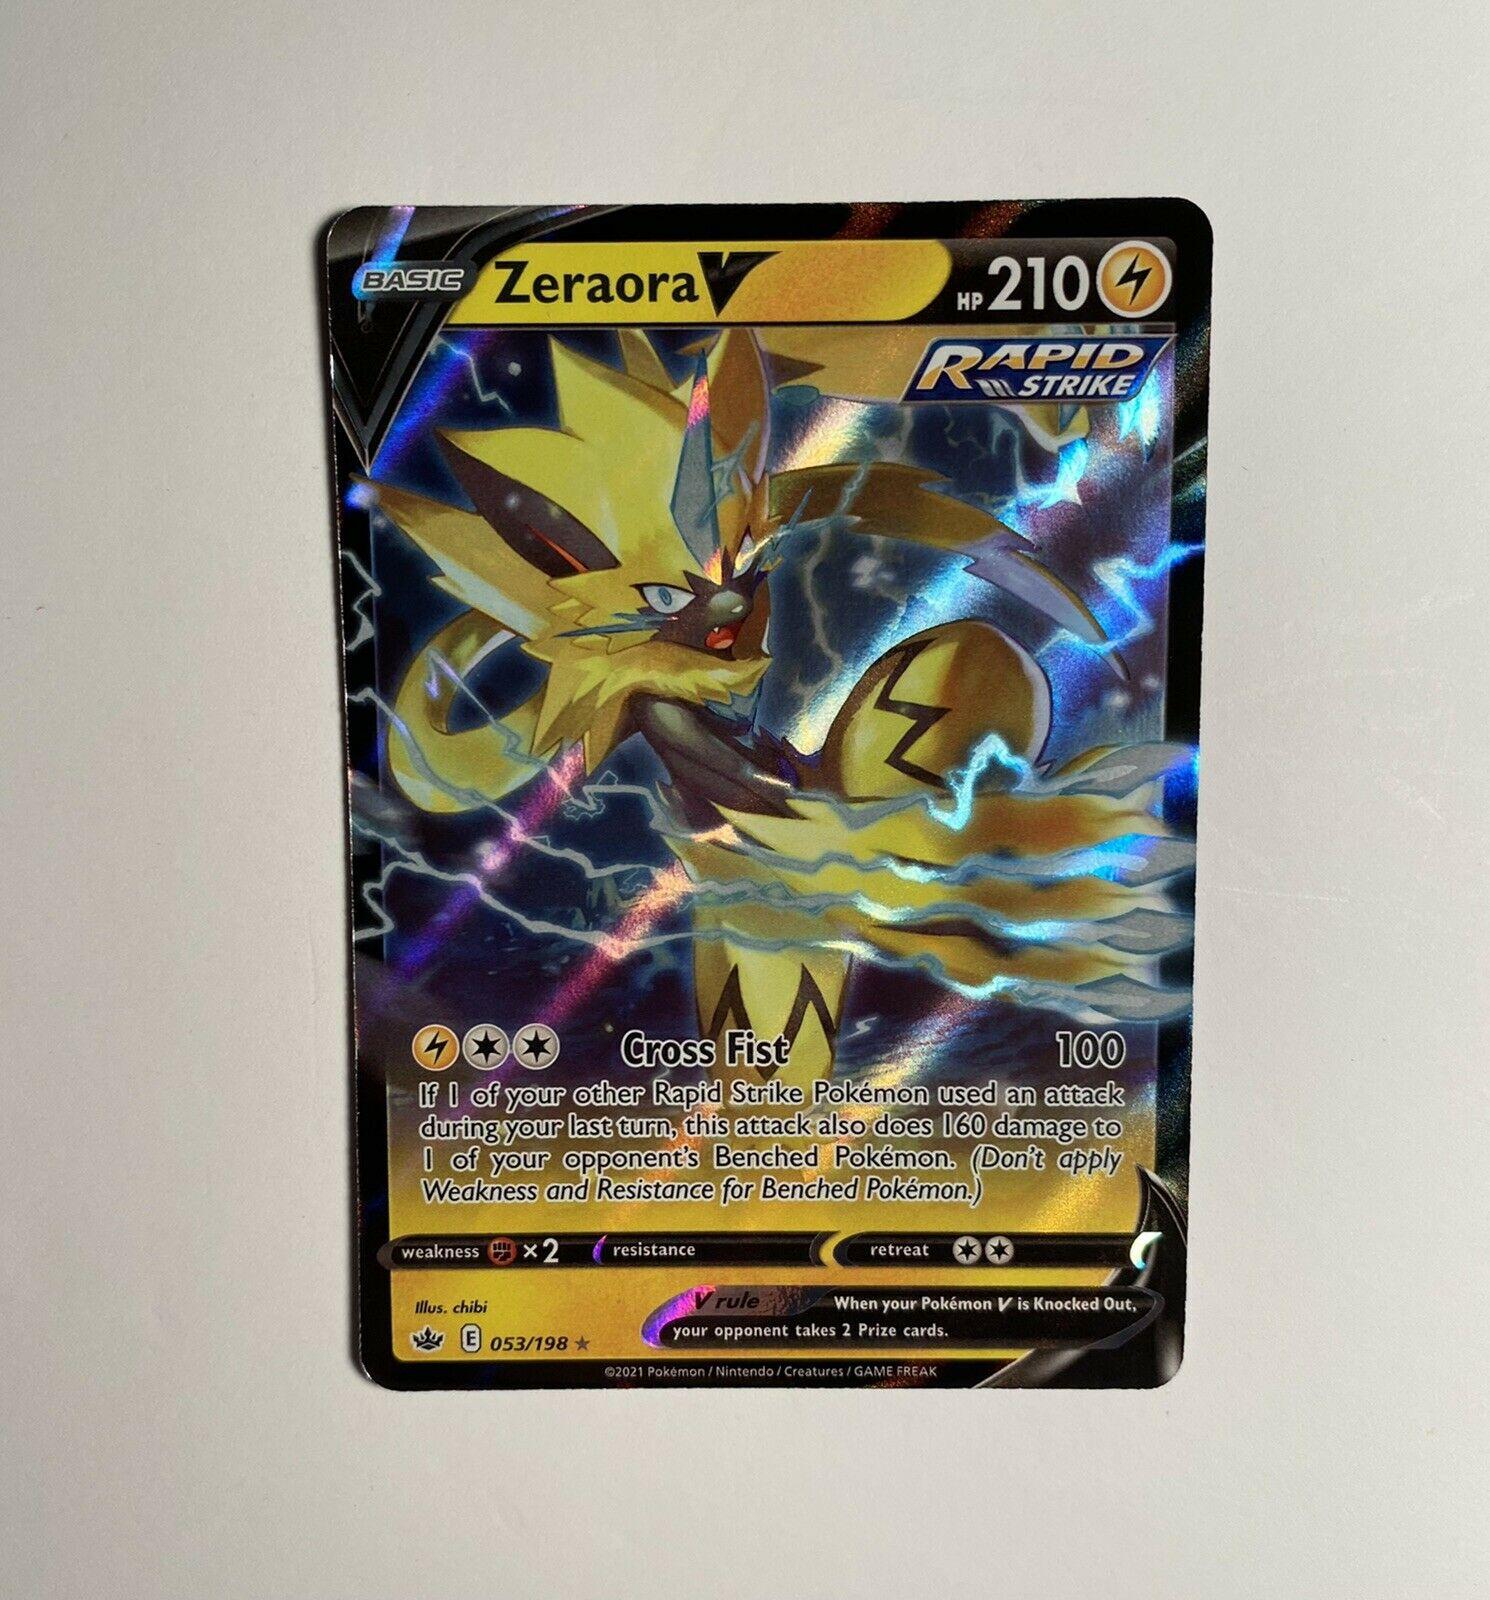 Pokemon TCG Chilling Reign Zeraora V Ultra Rare Holo 053/198 NM